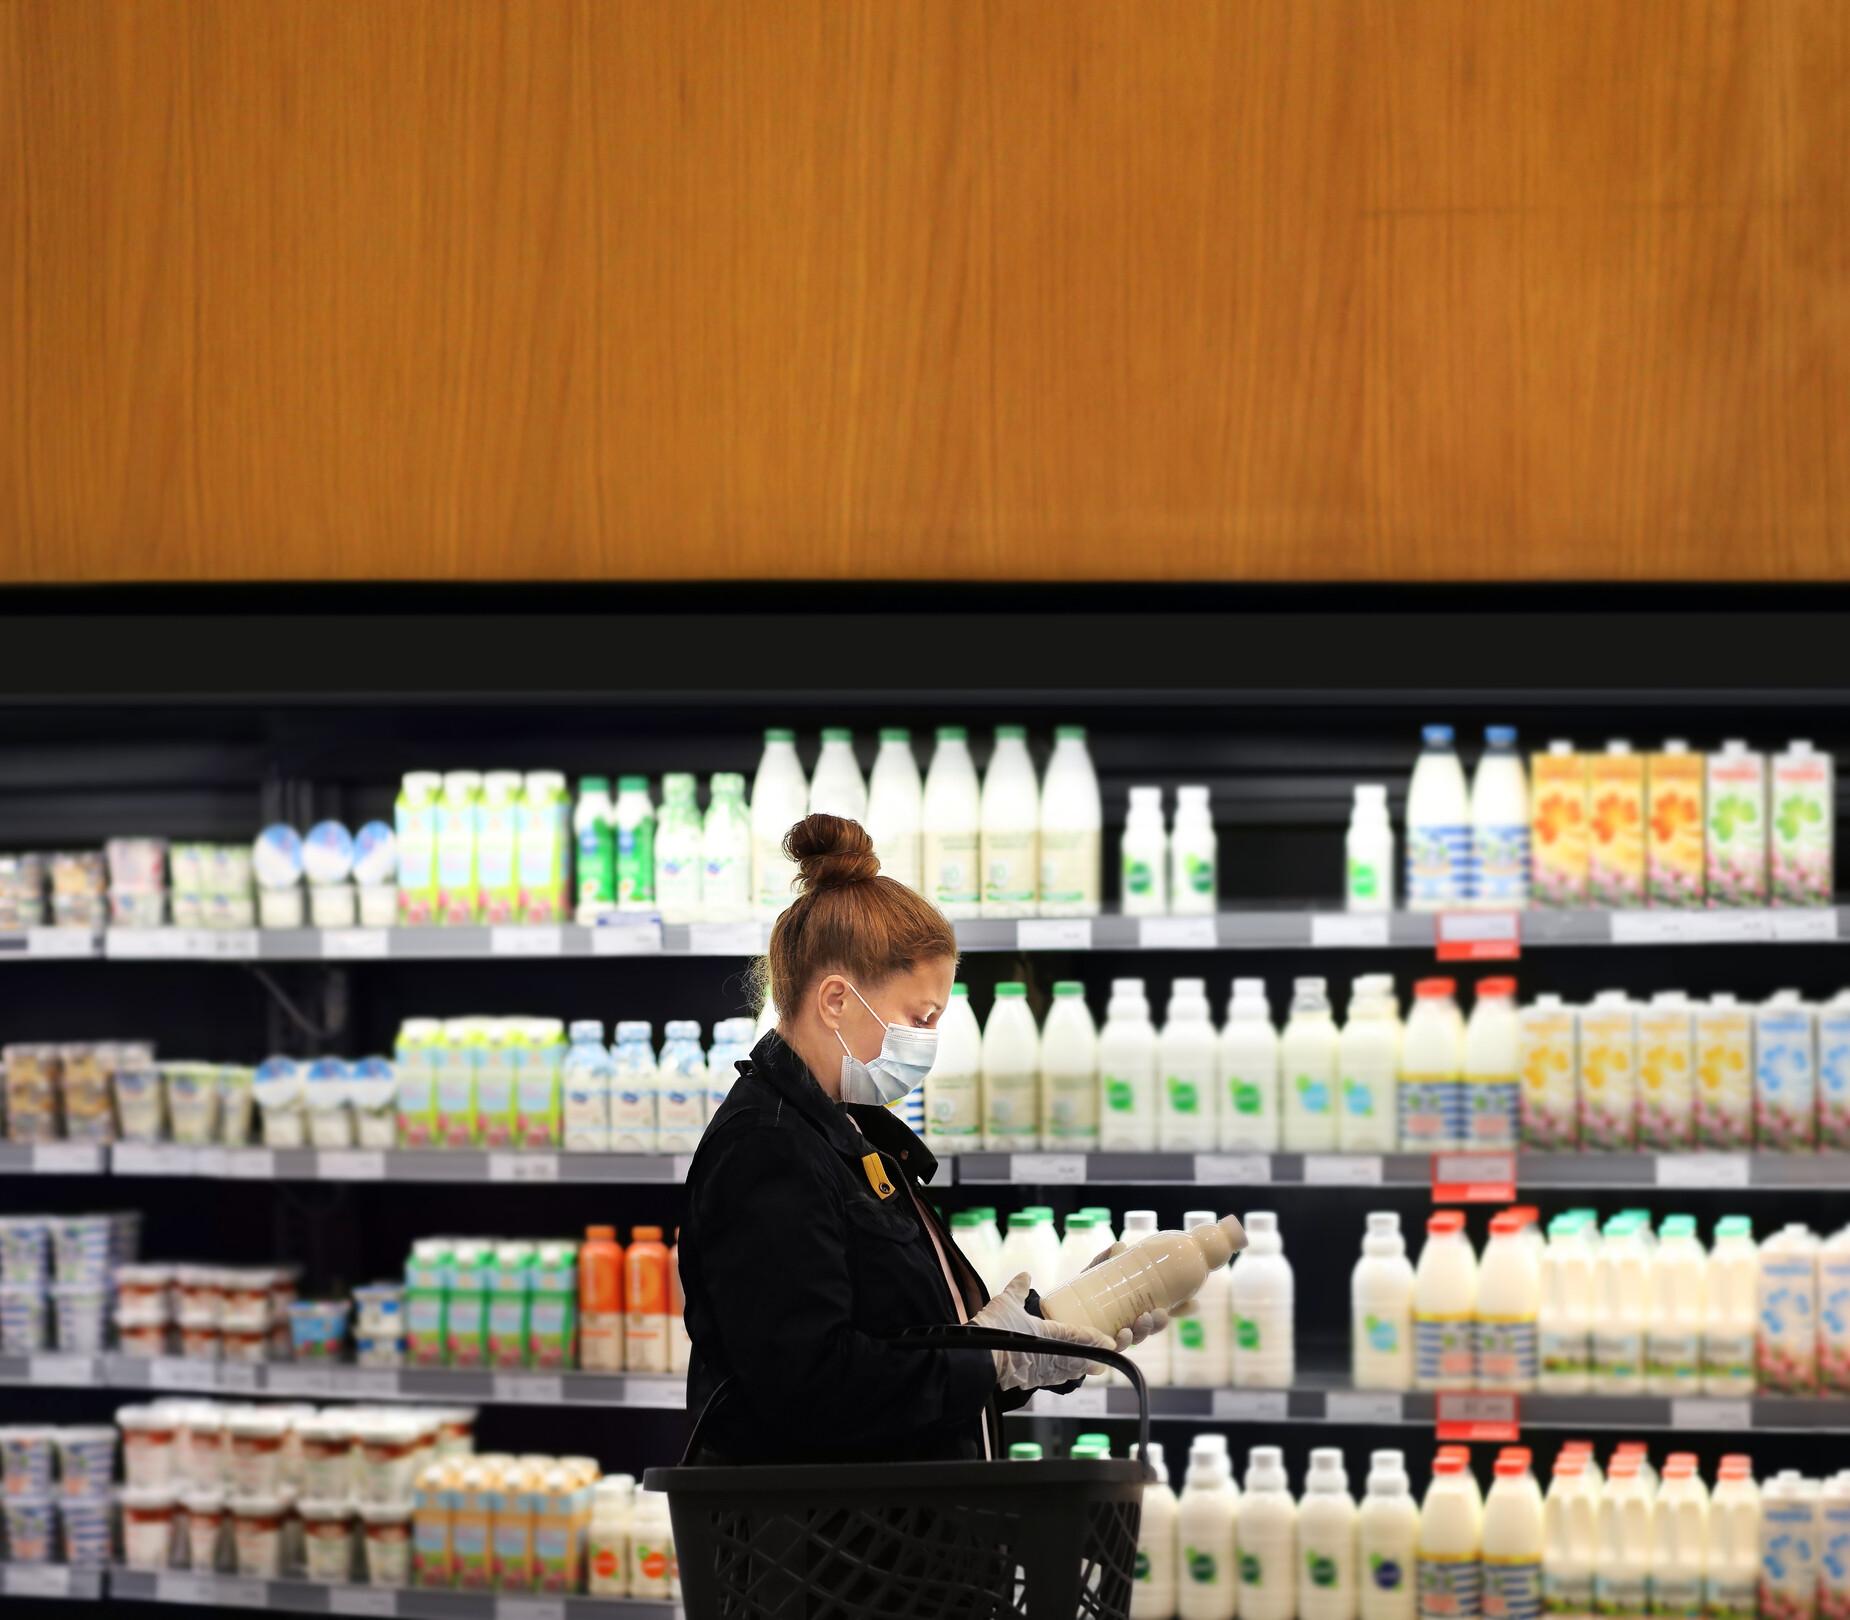 dairy market Saudi Arabia